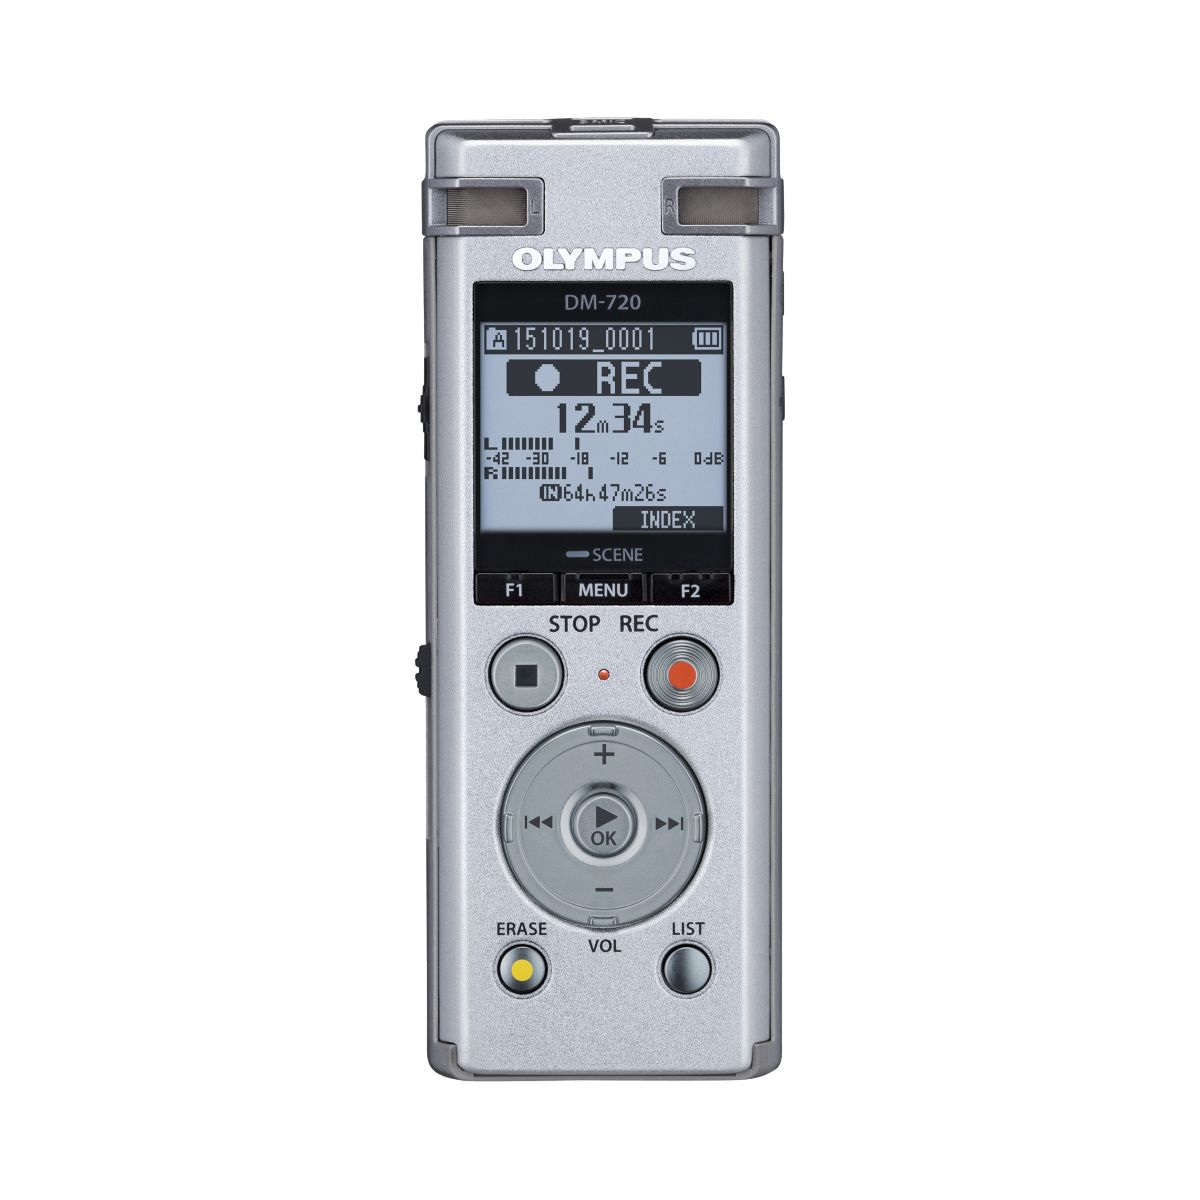 Dictaphone OLYMPUS DM-720 (photo)